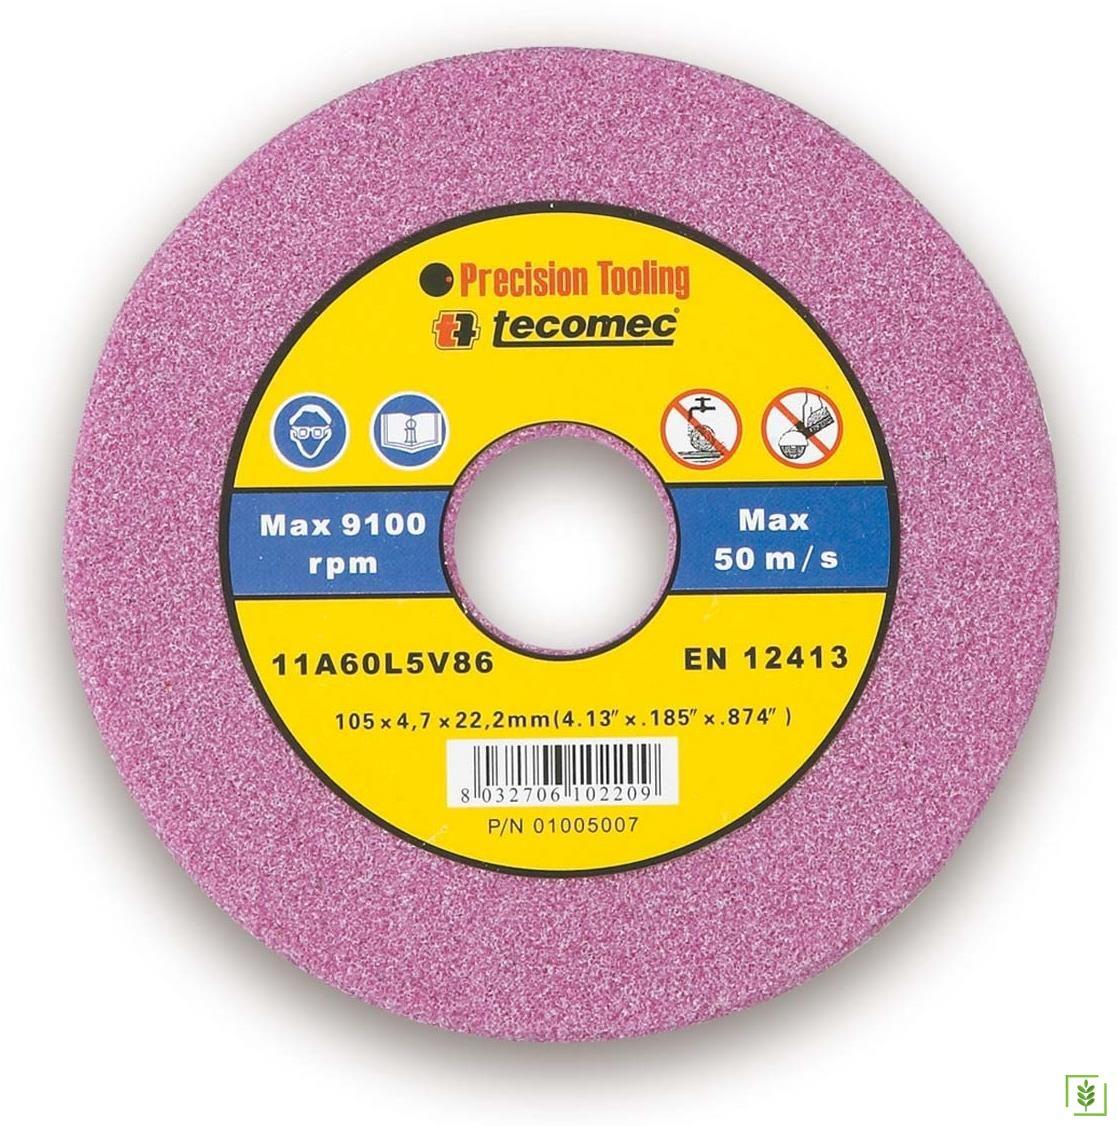 Tecomec Zincir Bileme Diski 105x22x4.7 mm 3/8-404